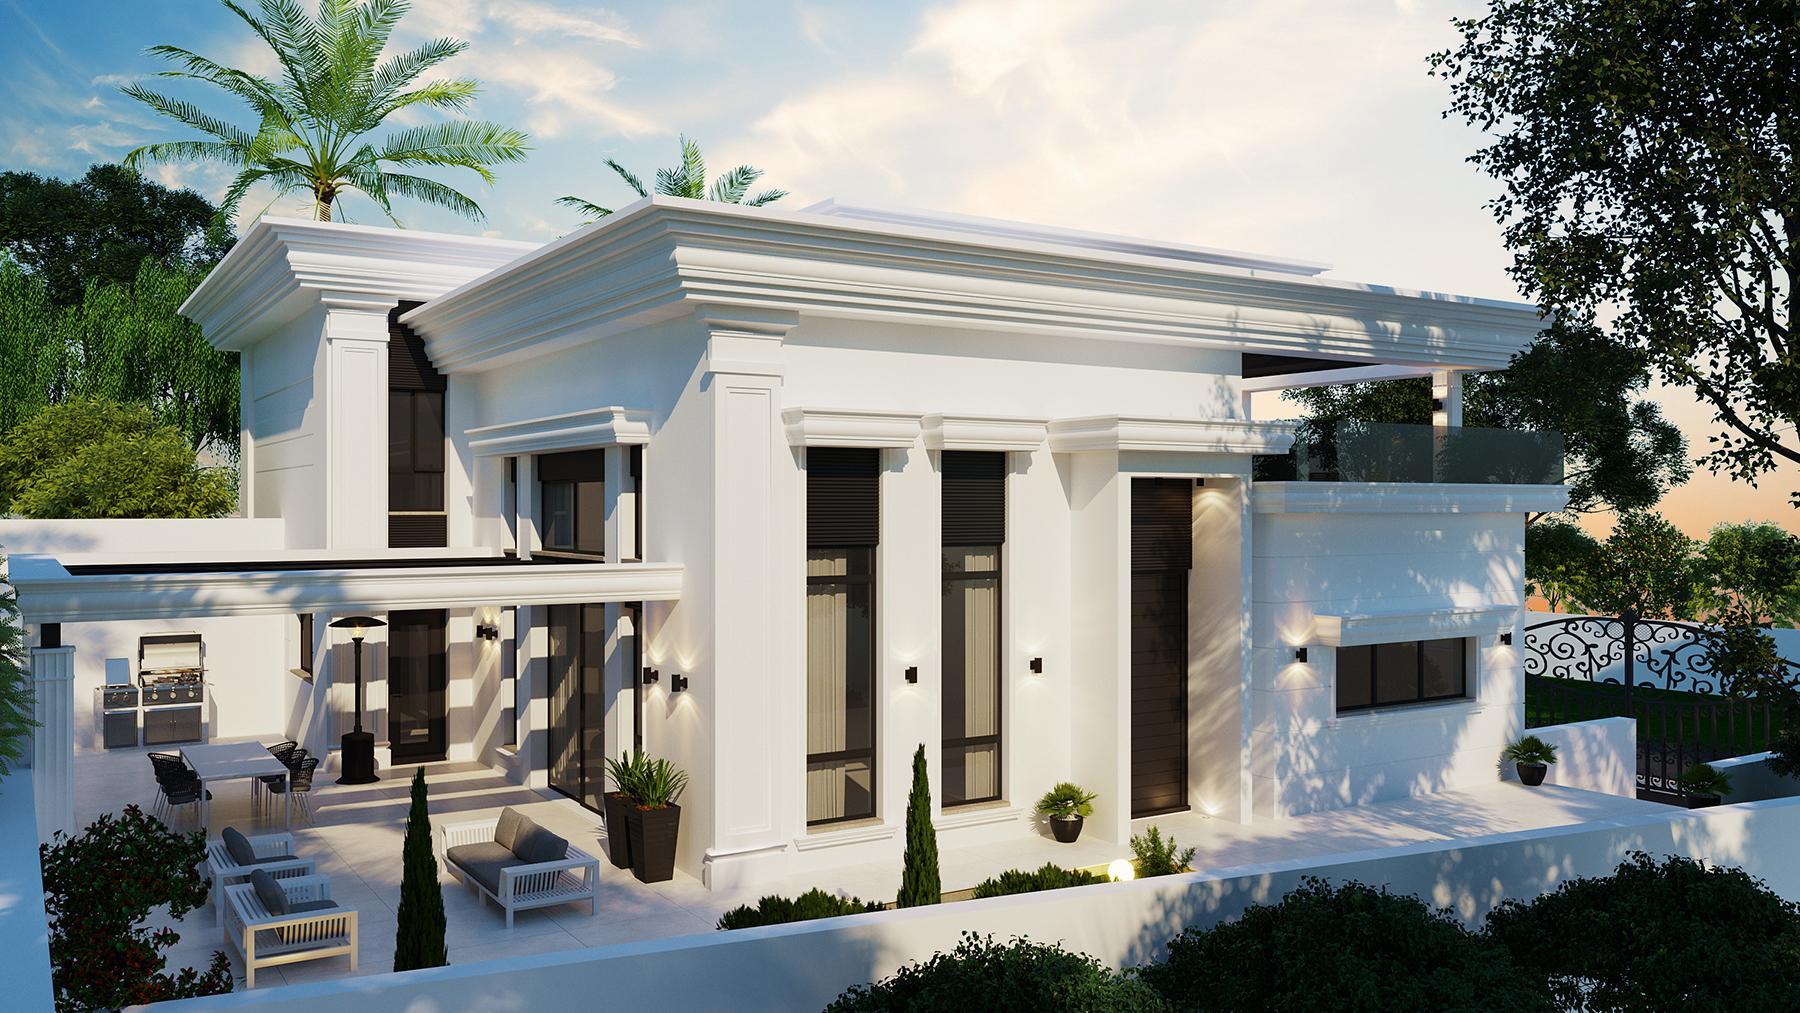 בית בעיצוב מודרני וקלאסי